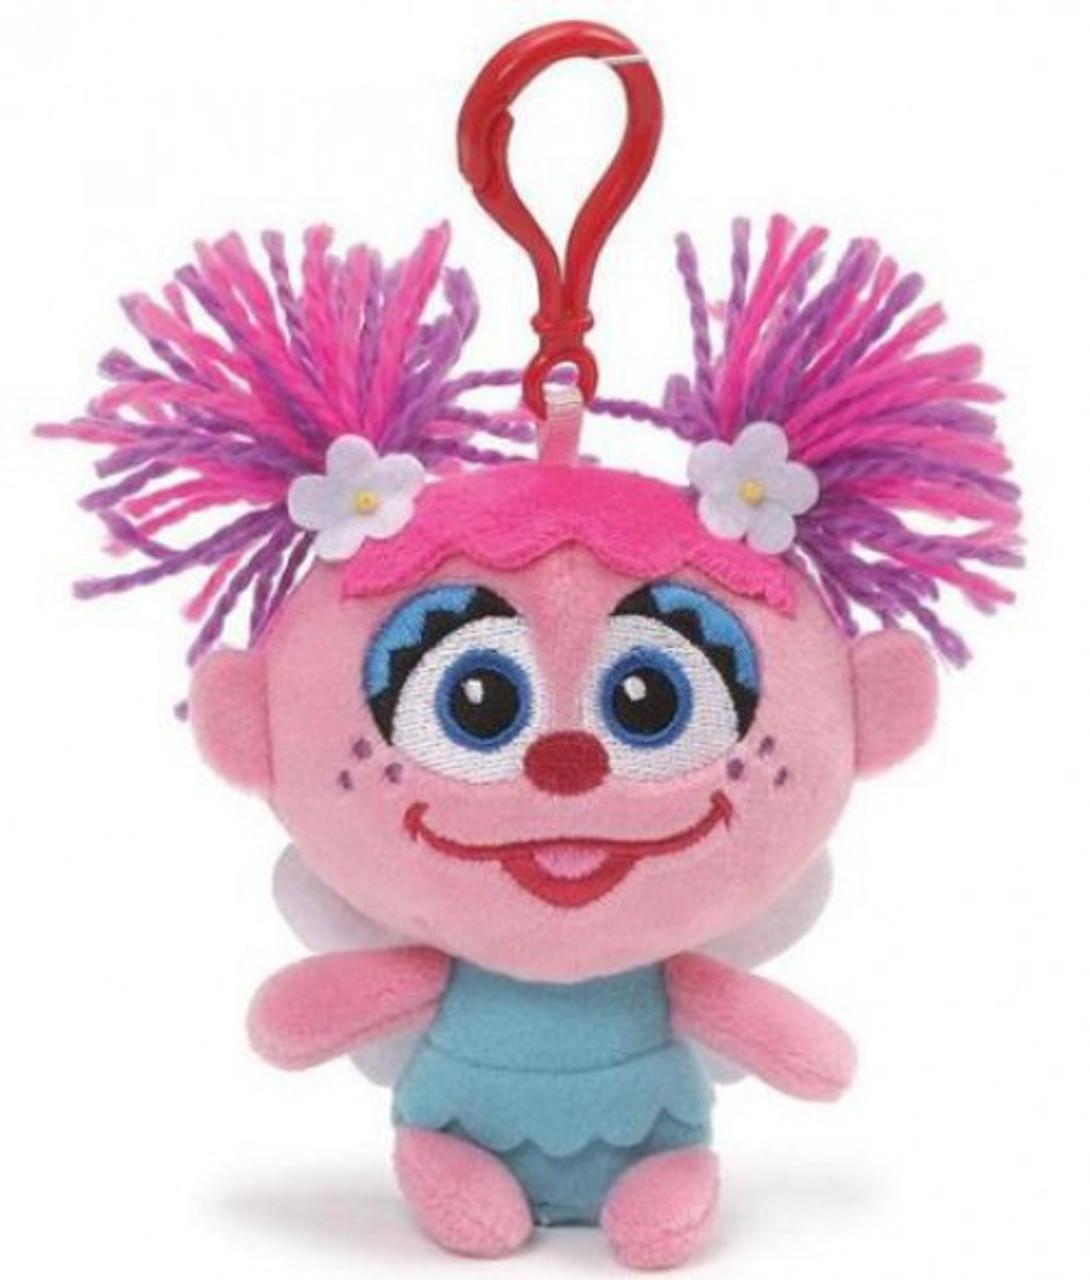 Sesame Street Abby Cadabby 4 Inch Clip On Plush